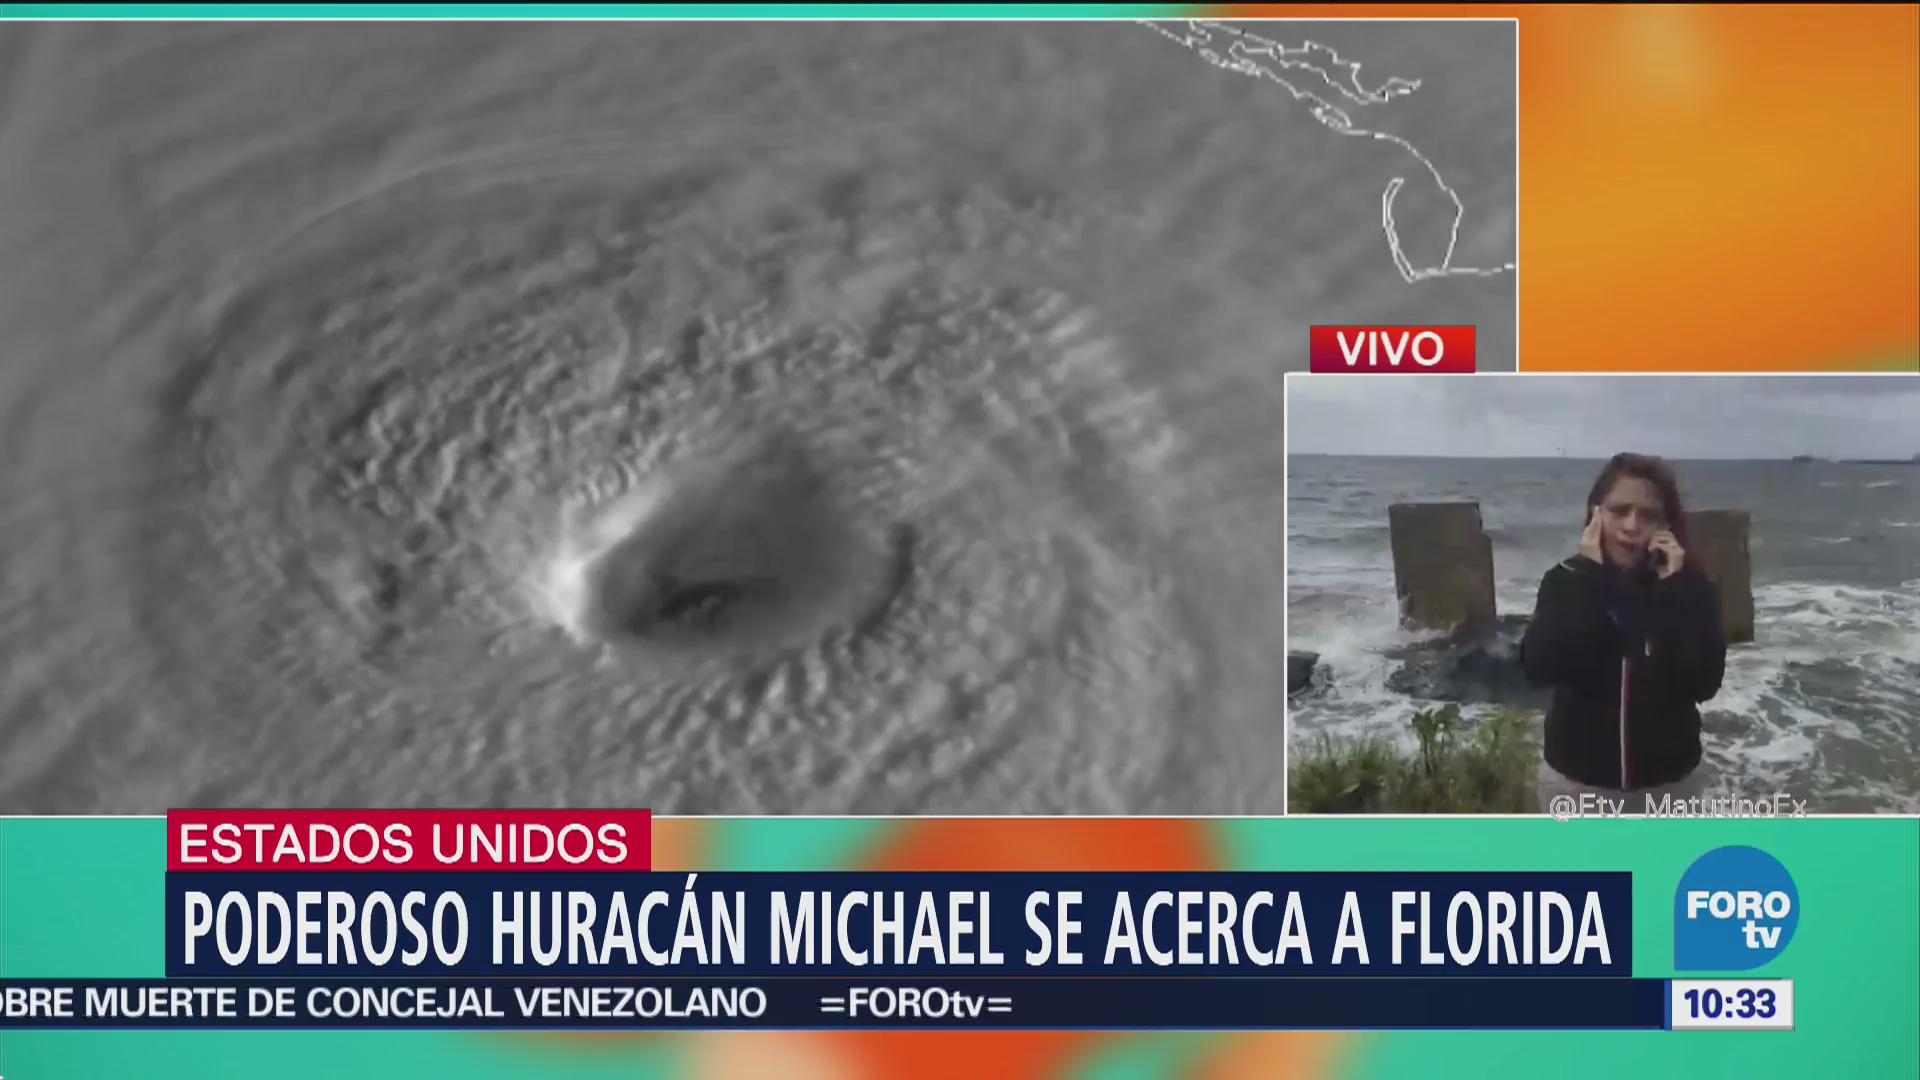 Huracán Michael se acerca a Florida